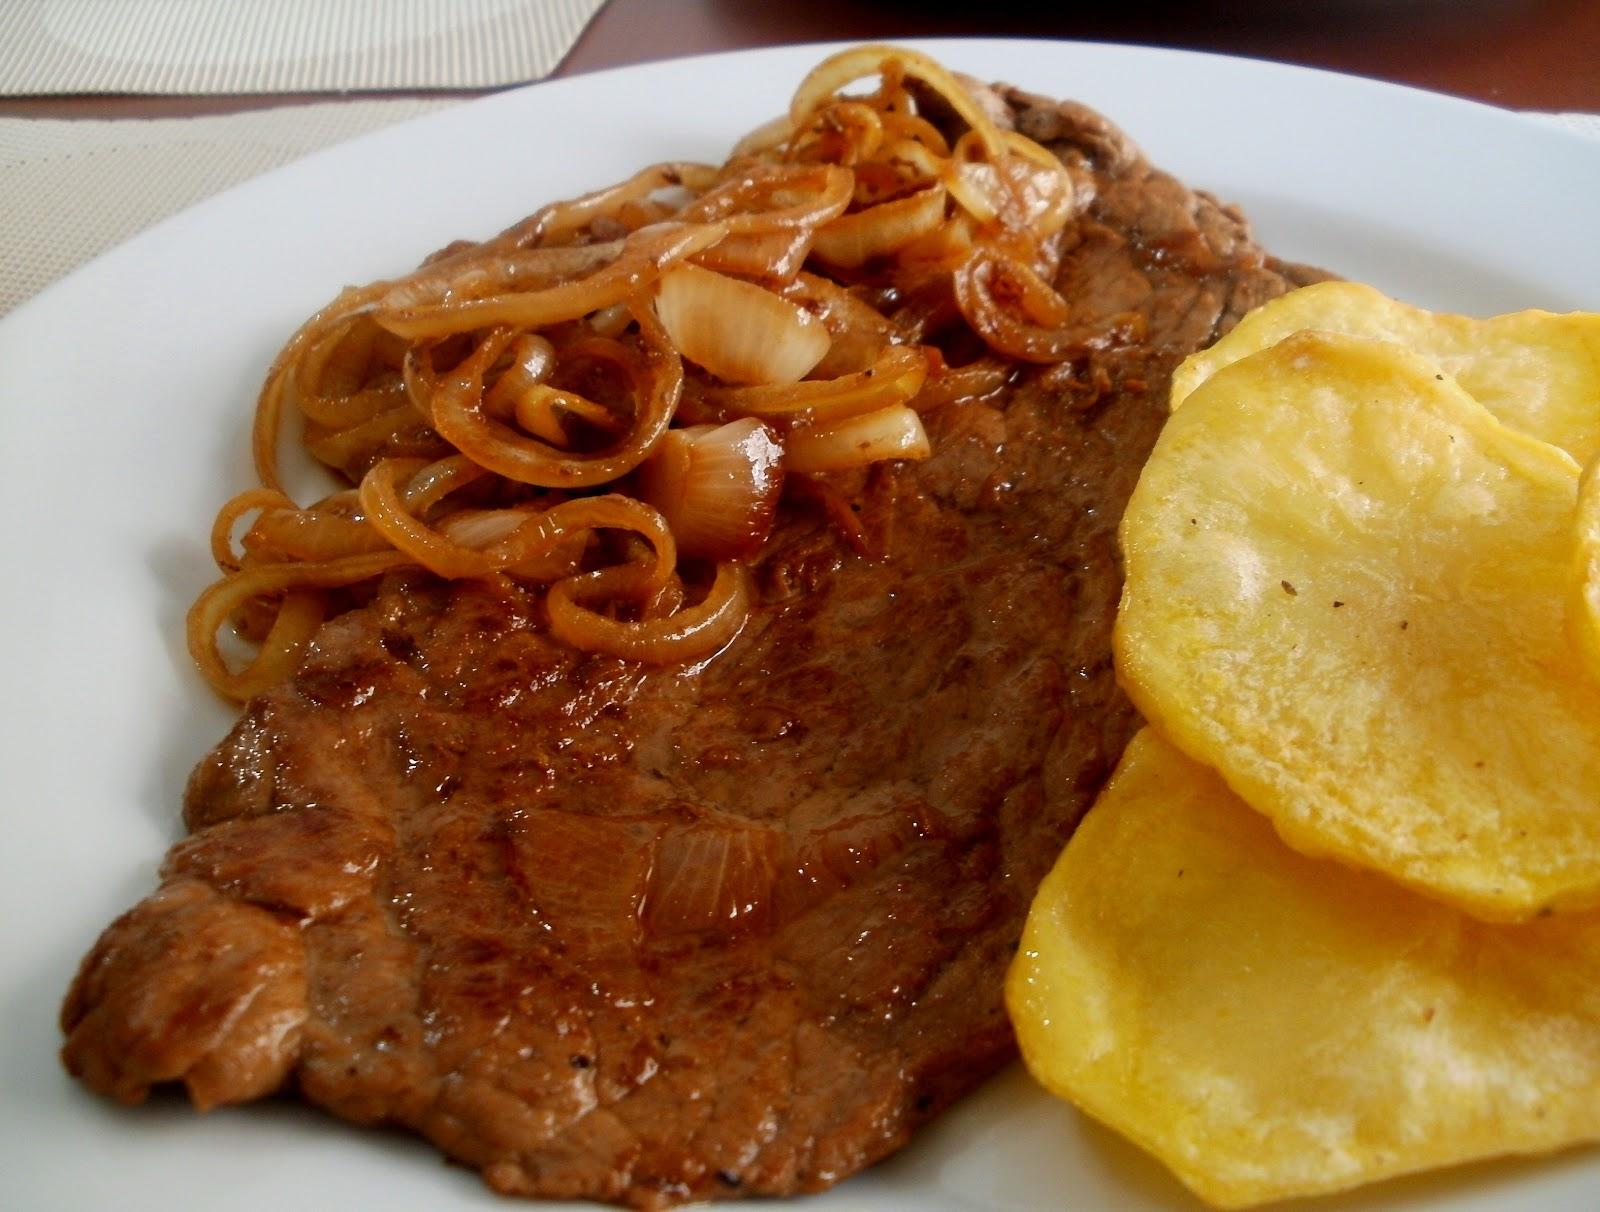 2 recetas de carne en salsa ideales para comidas inolvidables - Guarniciones para carne en salsa ...